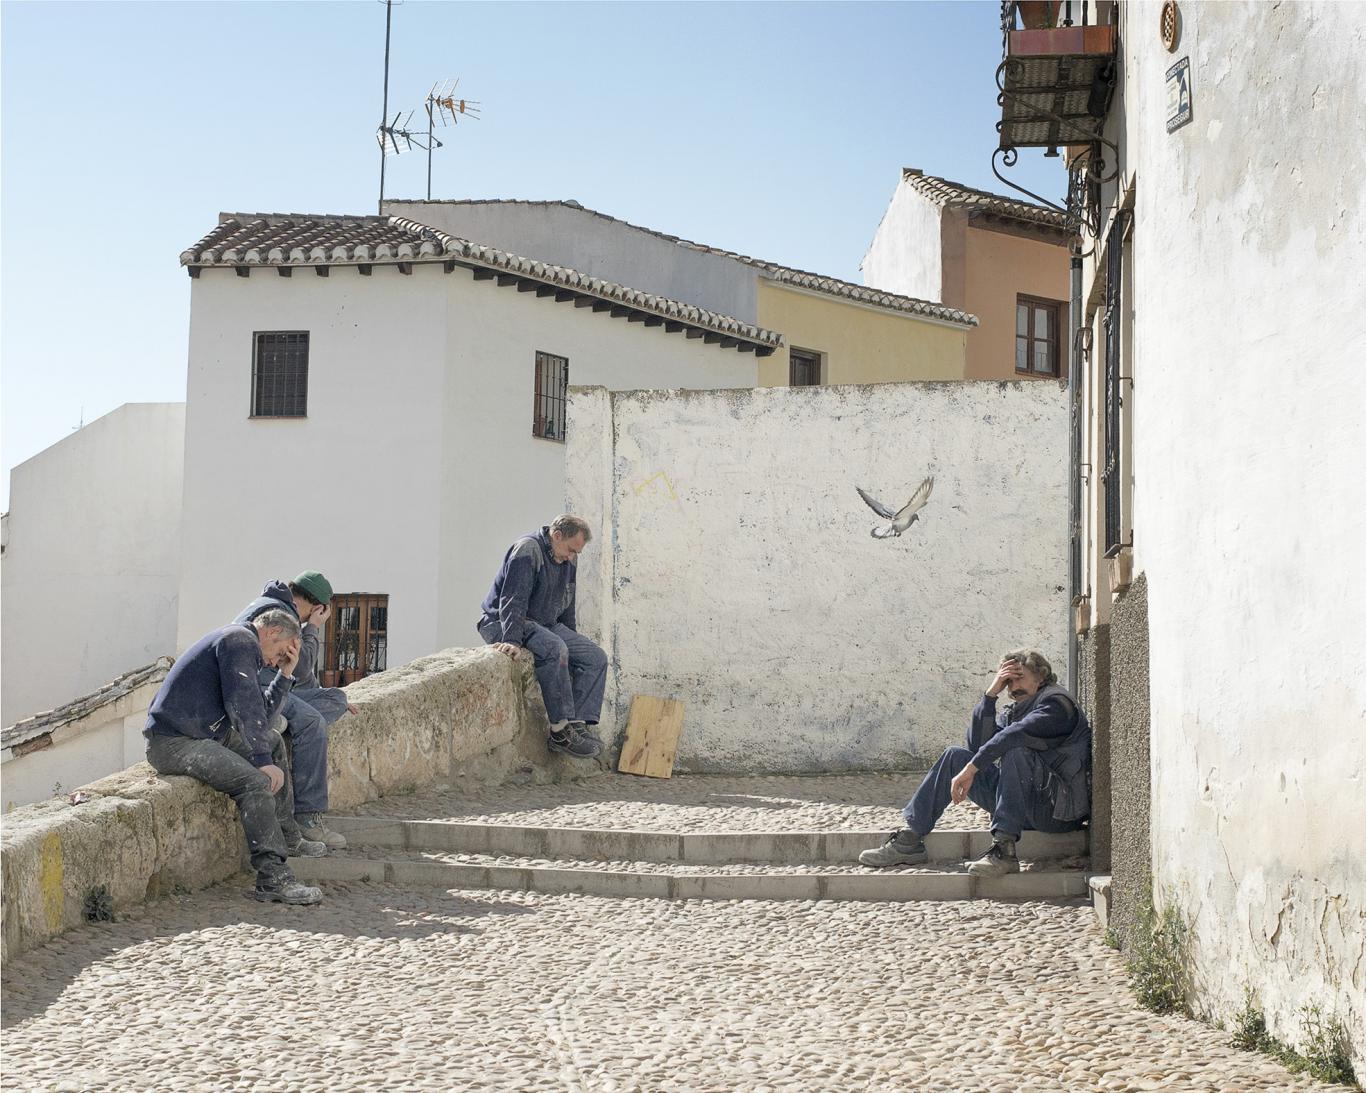 Hombres mayeres sentados en unas escaleras de un pueblo